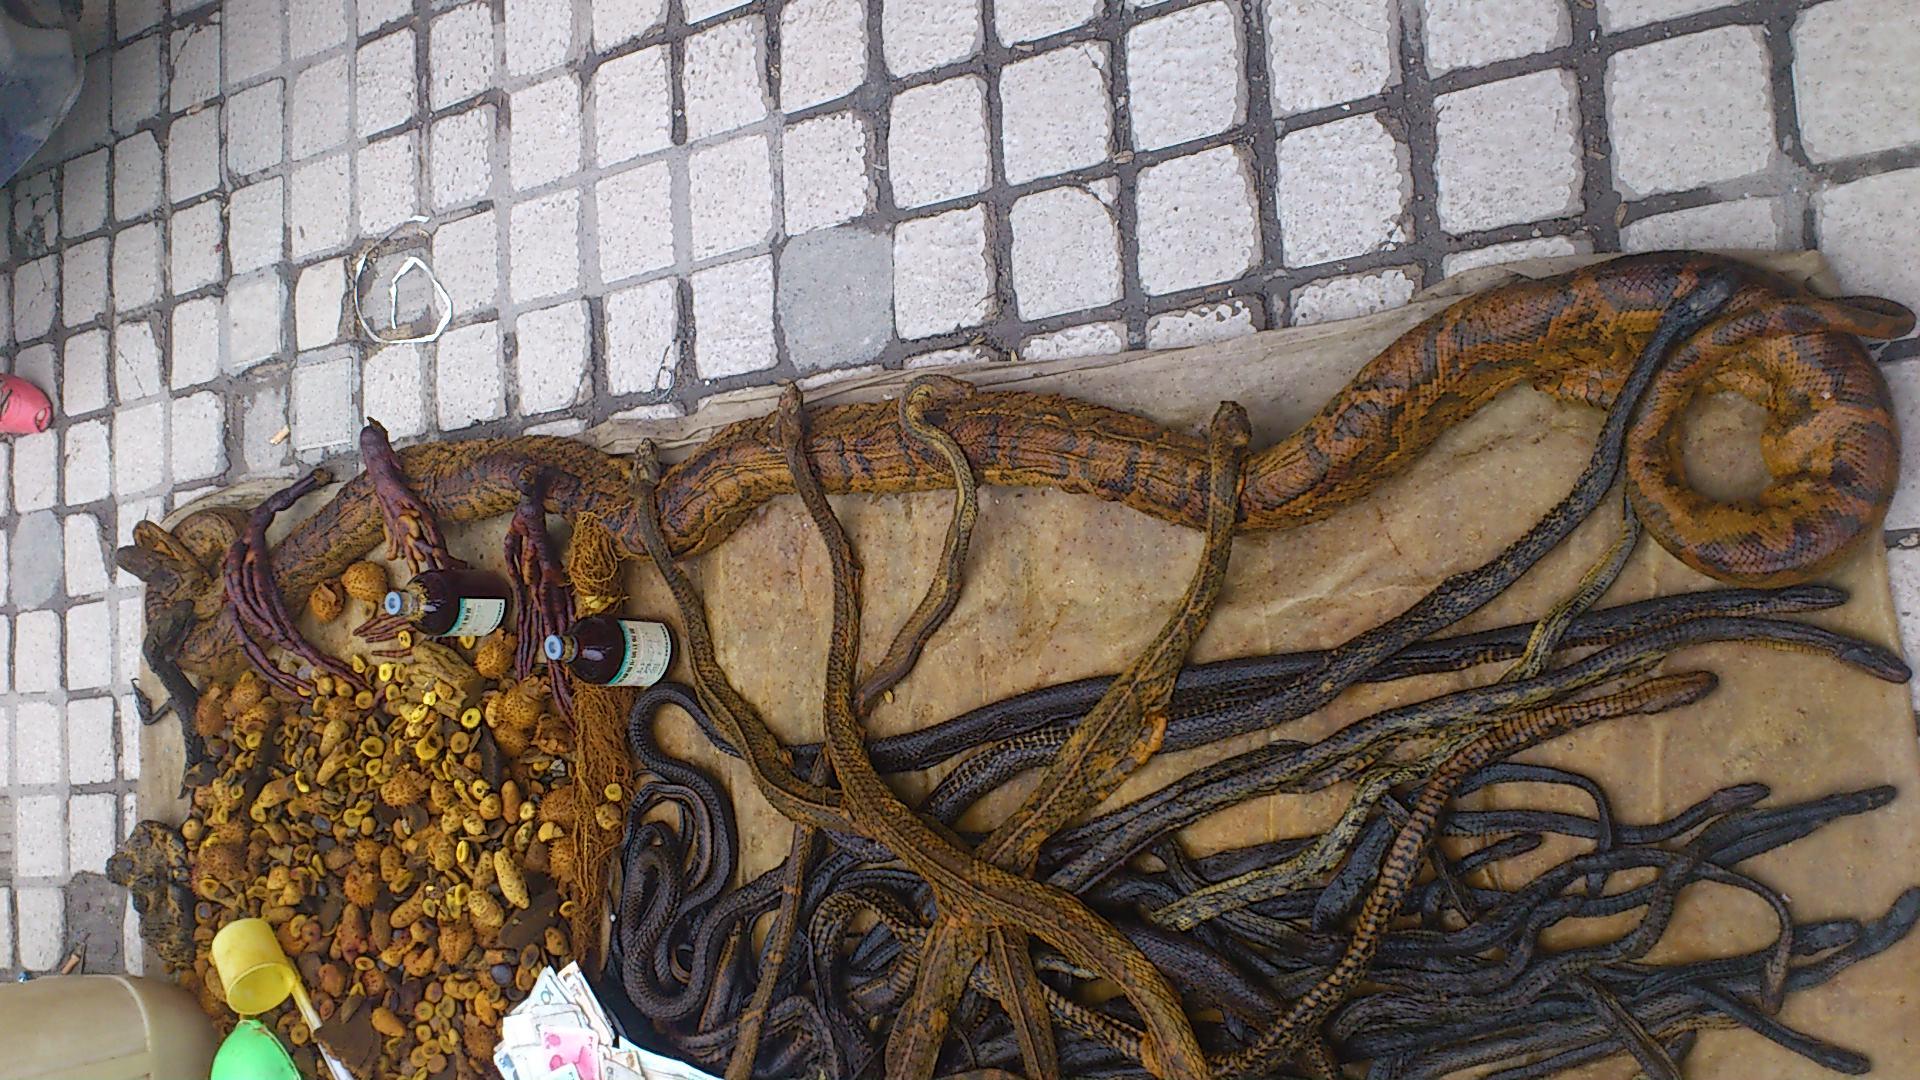 赤水市区惊现3米长巨莽,和百条1米长小蛇,有图有真相 精 高清图片